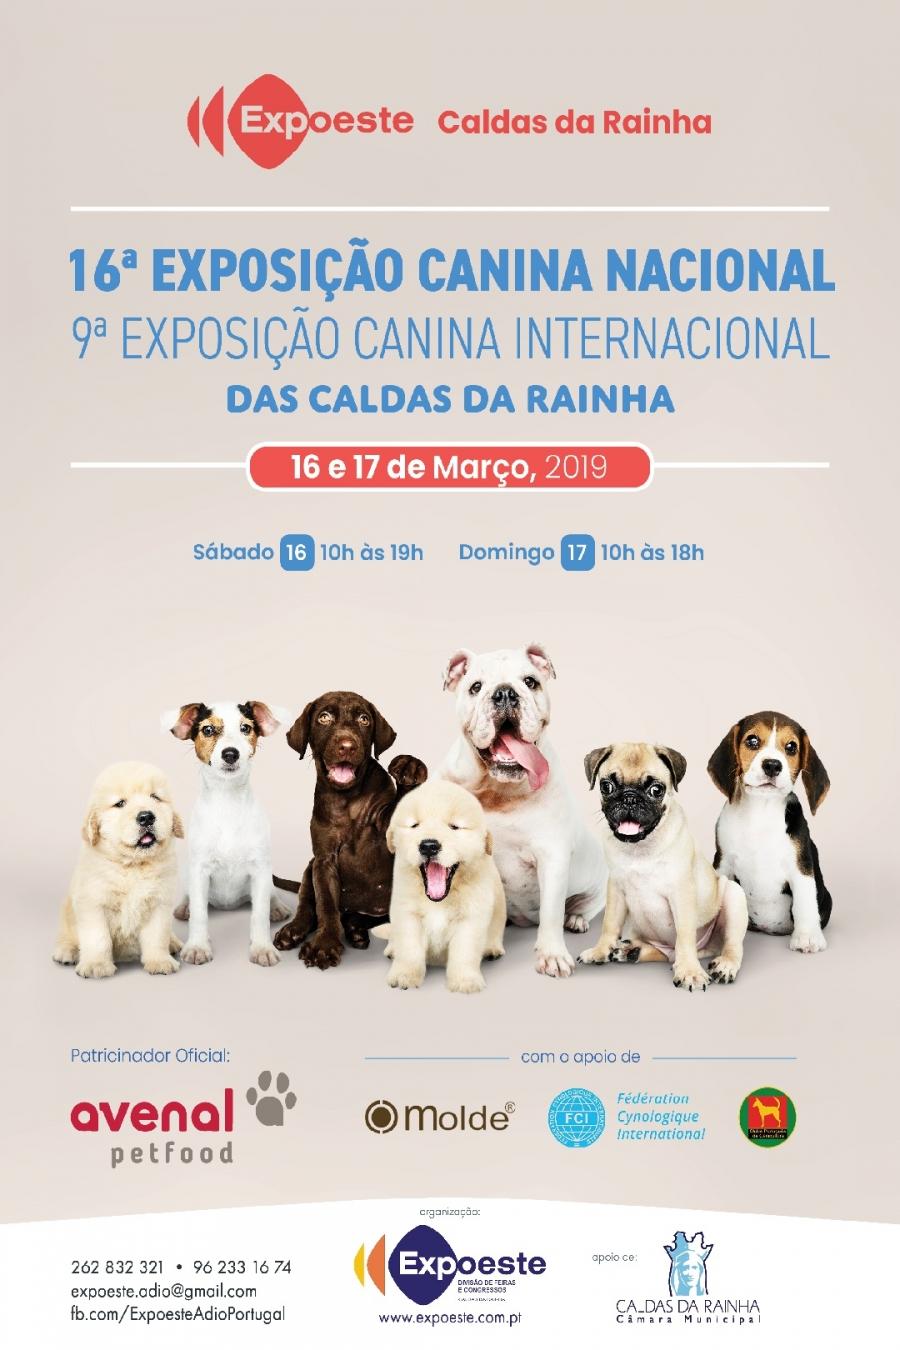 16ª EXPOSIÇÃO CANINA NACIONAL/9ª EXPOSIÇÃO CANINA INTERNACIONAL DAS CALDAS DA RAINHA